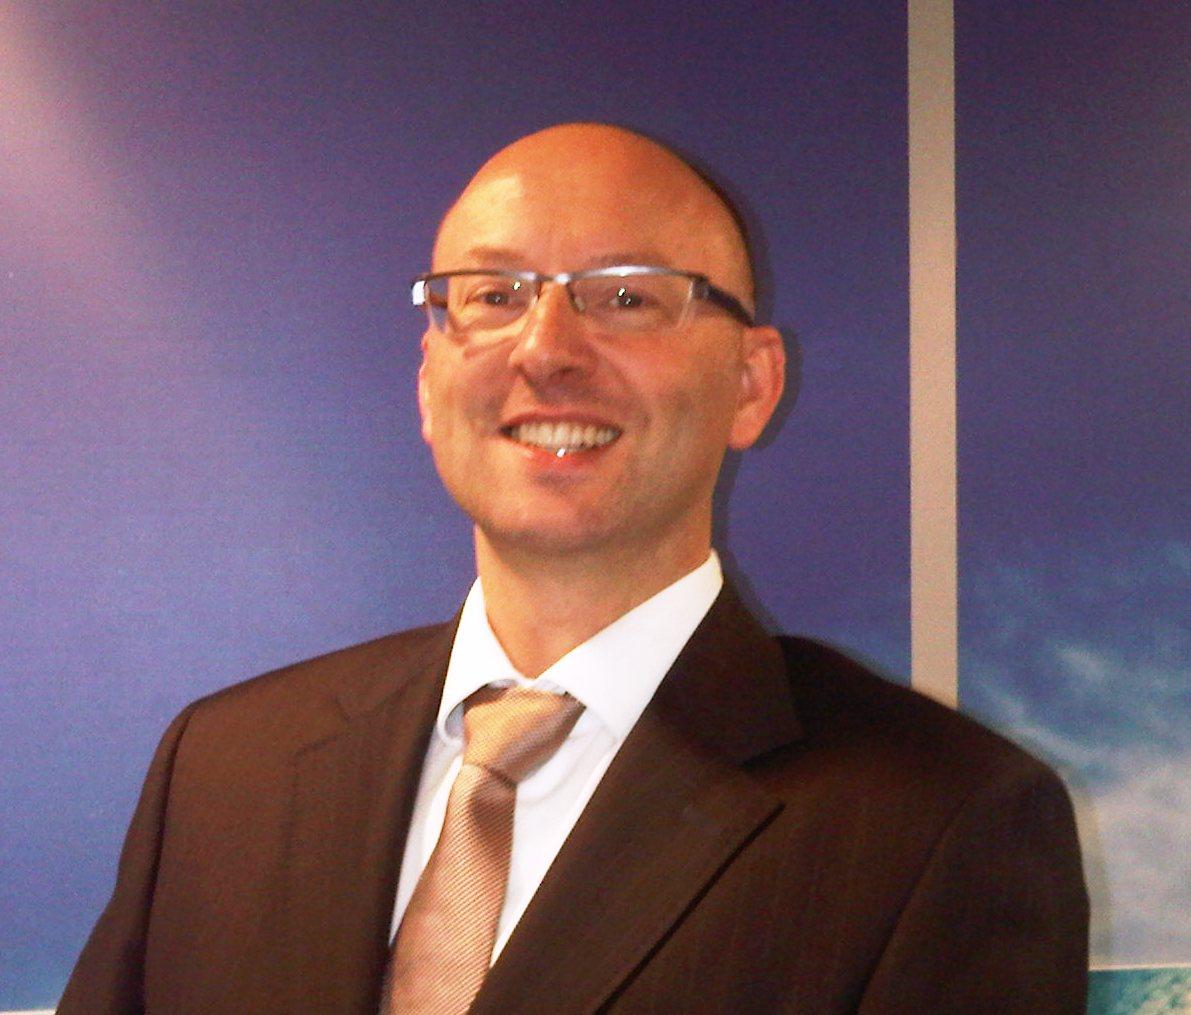 Edwin van Dijk